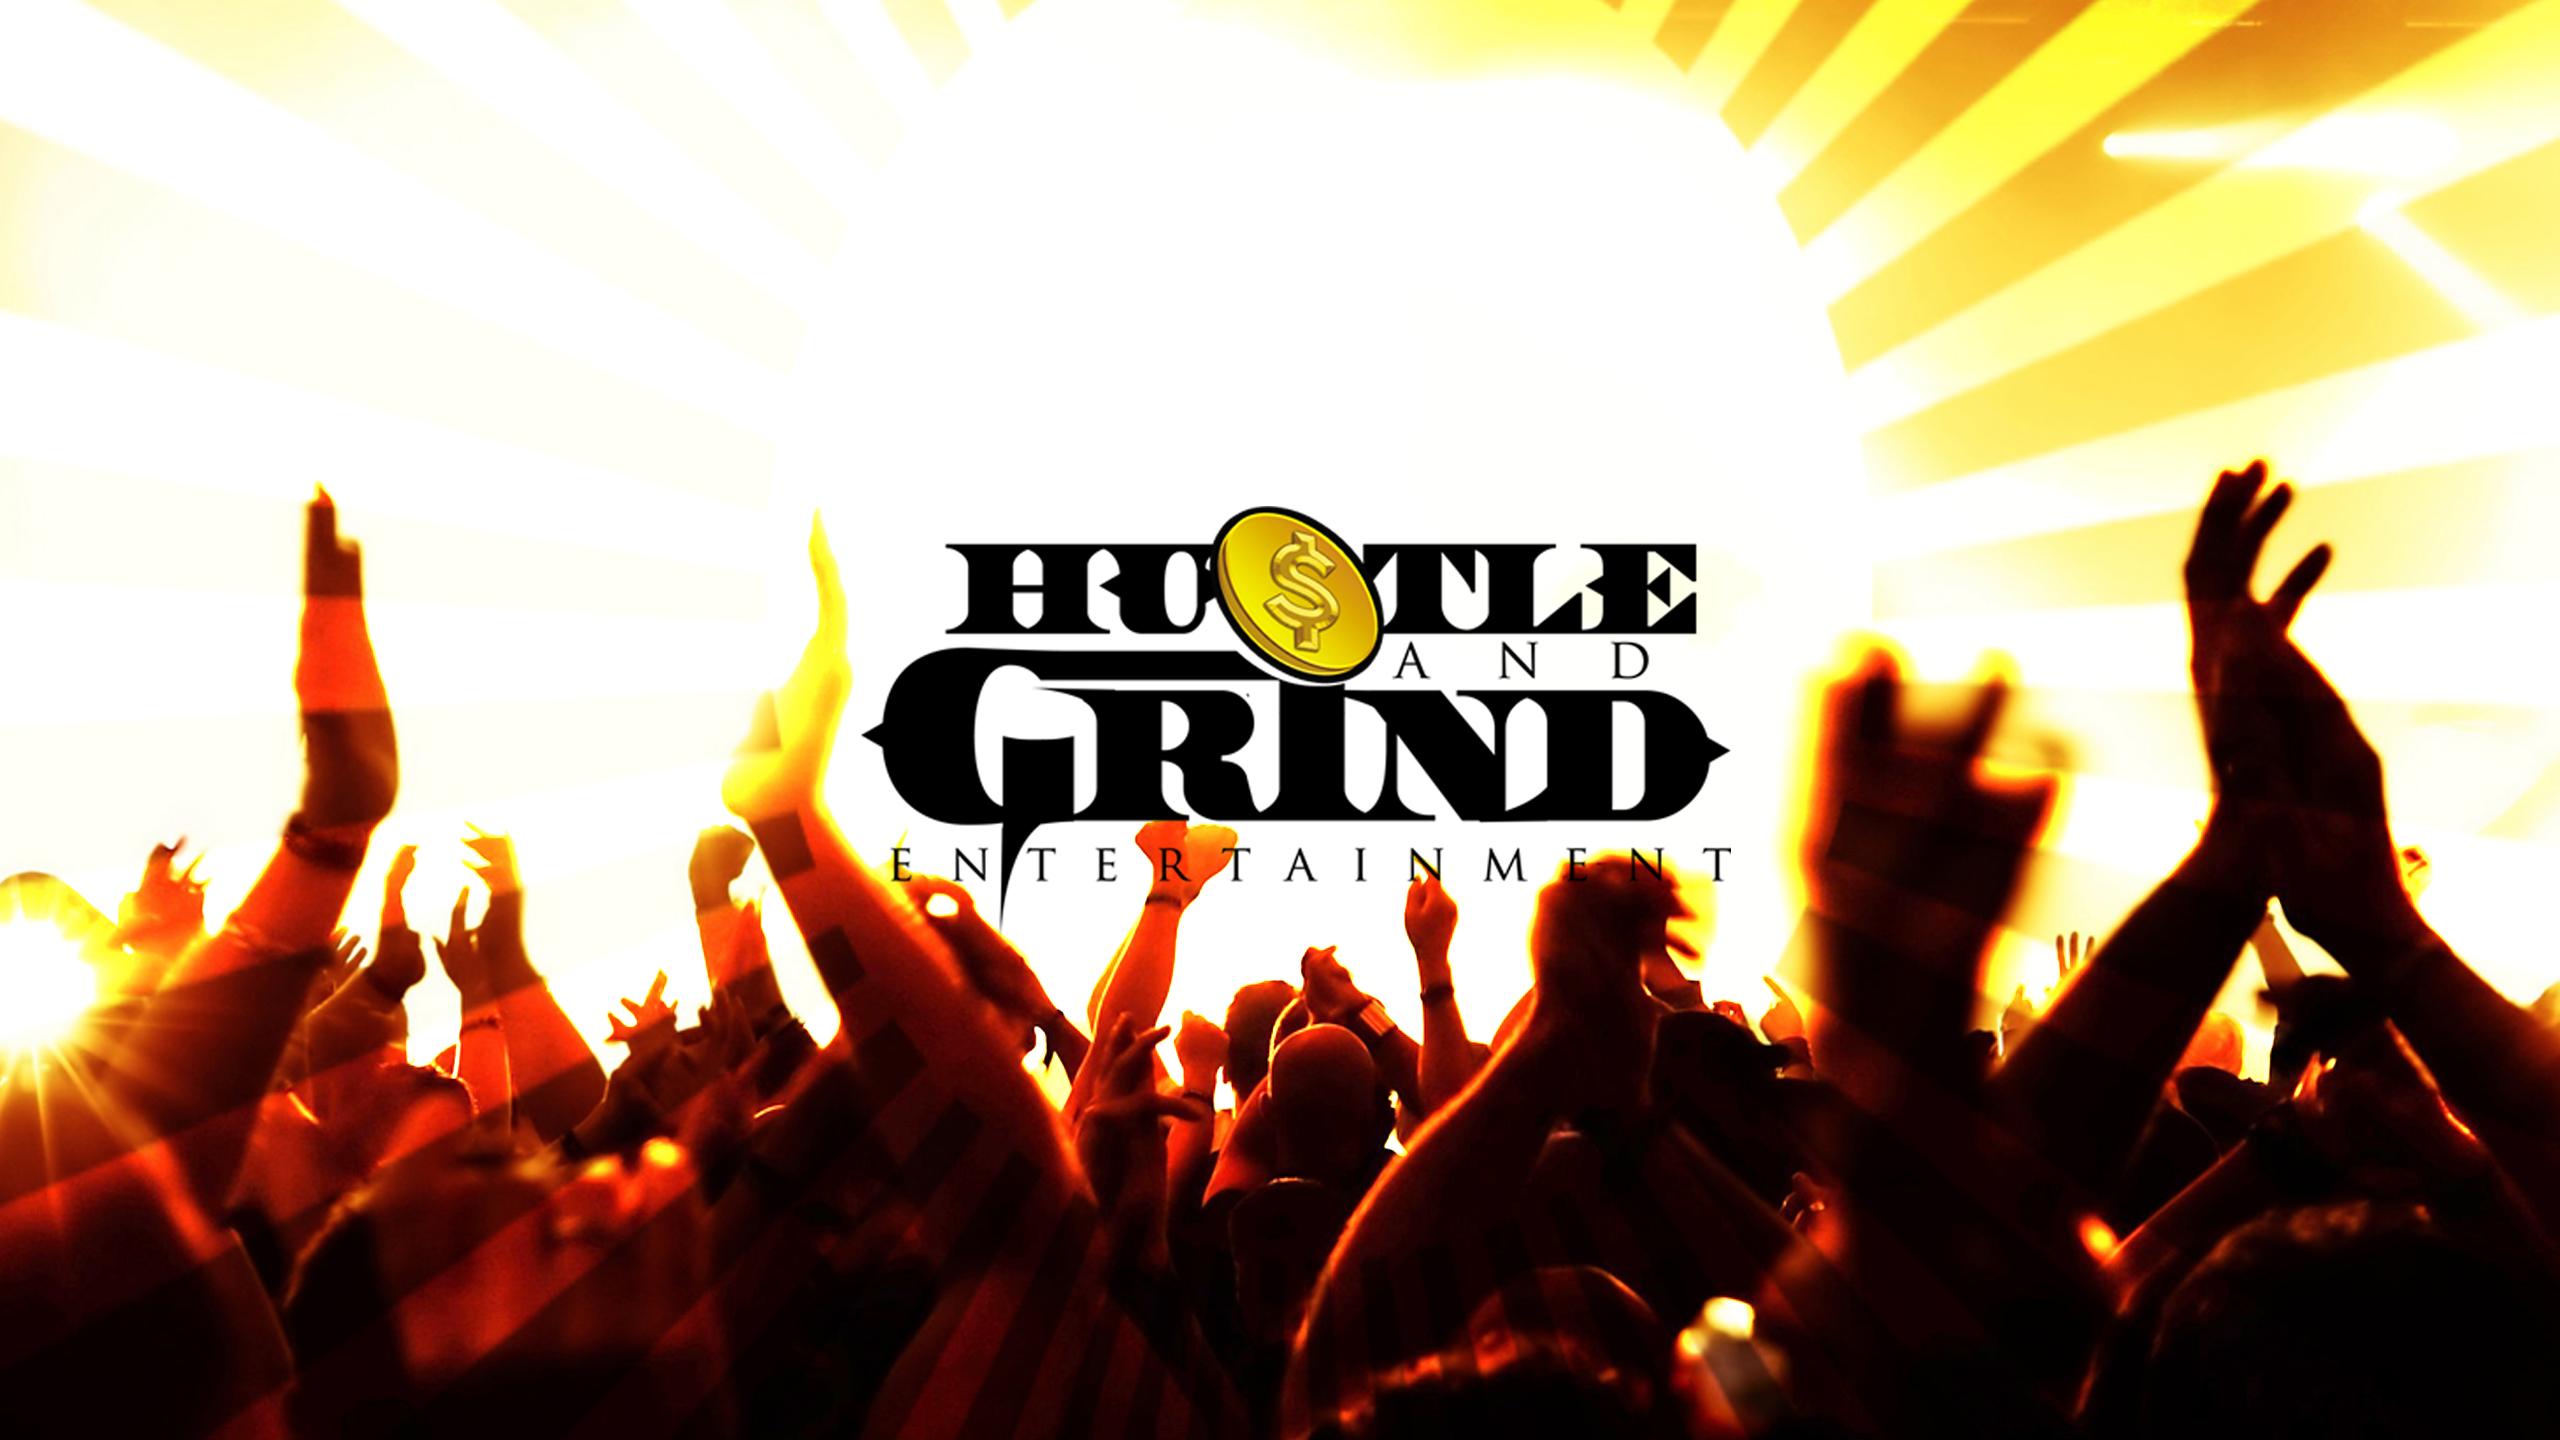 youtubebanner-hustle&grind